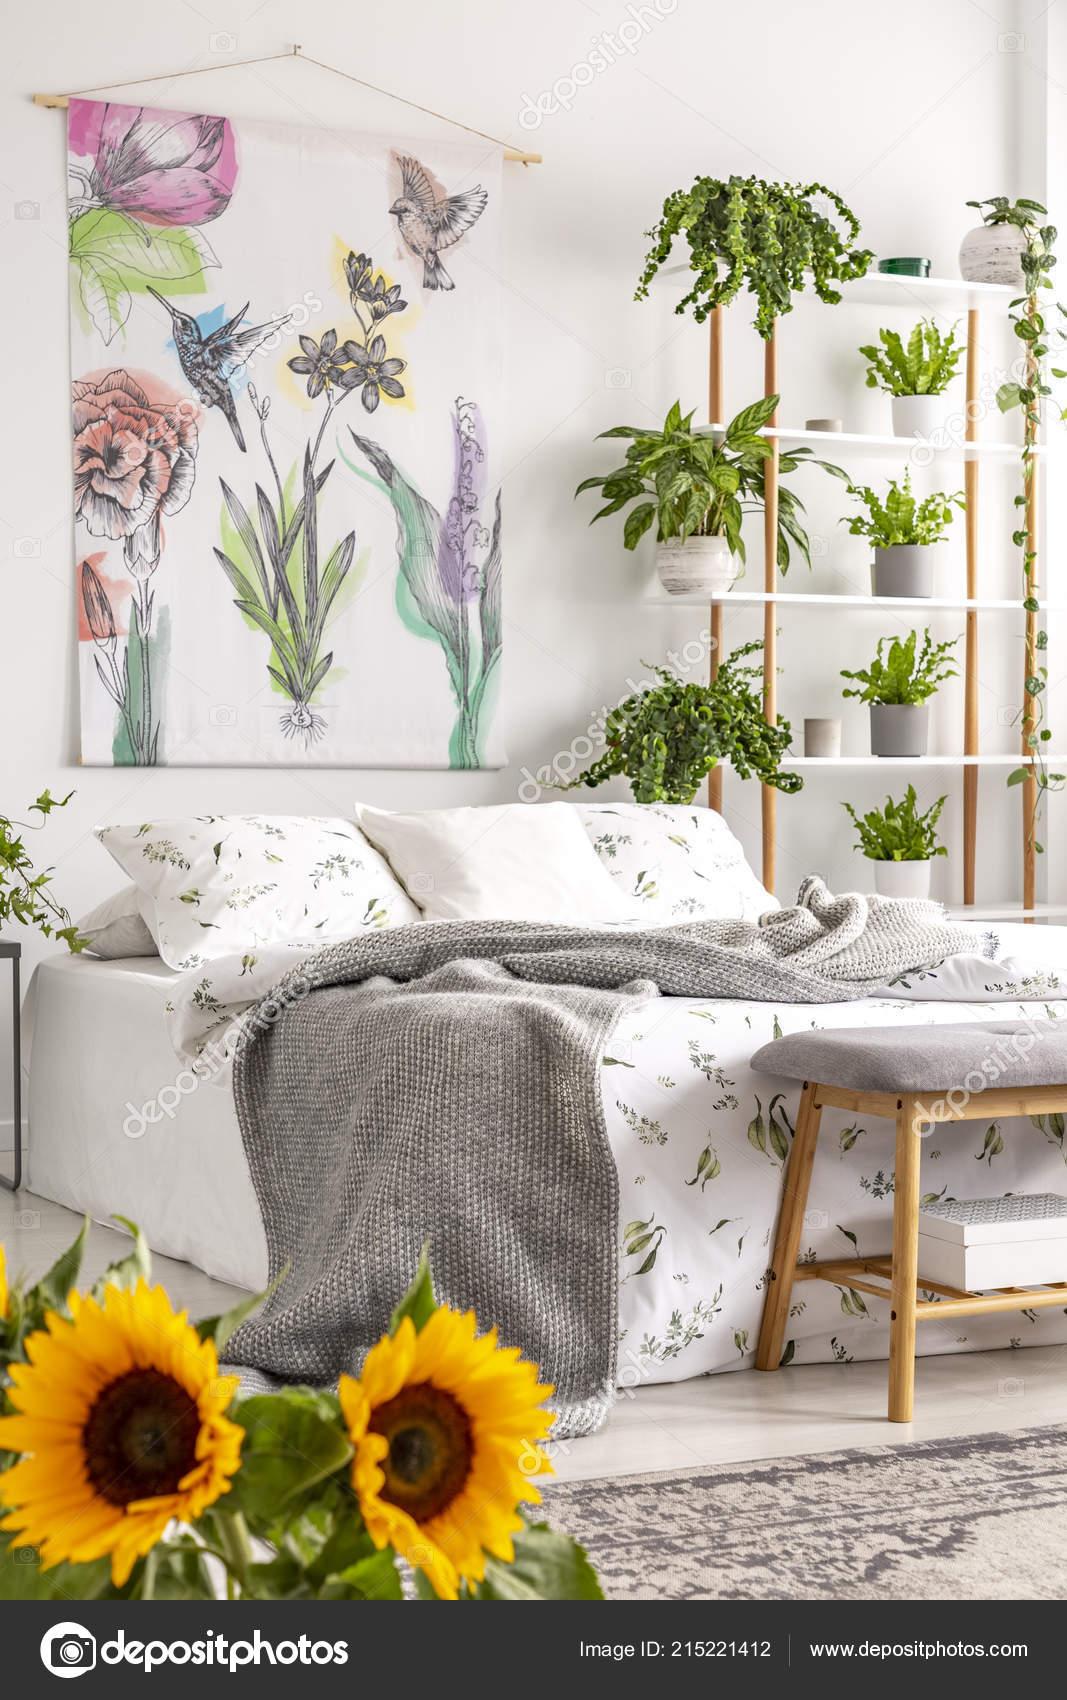 Großstadtdschungel Schlafzimmer Innenraum Mit Sonnenblumen ...